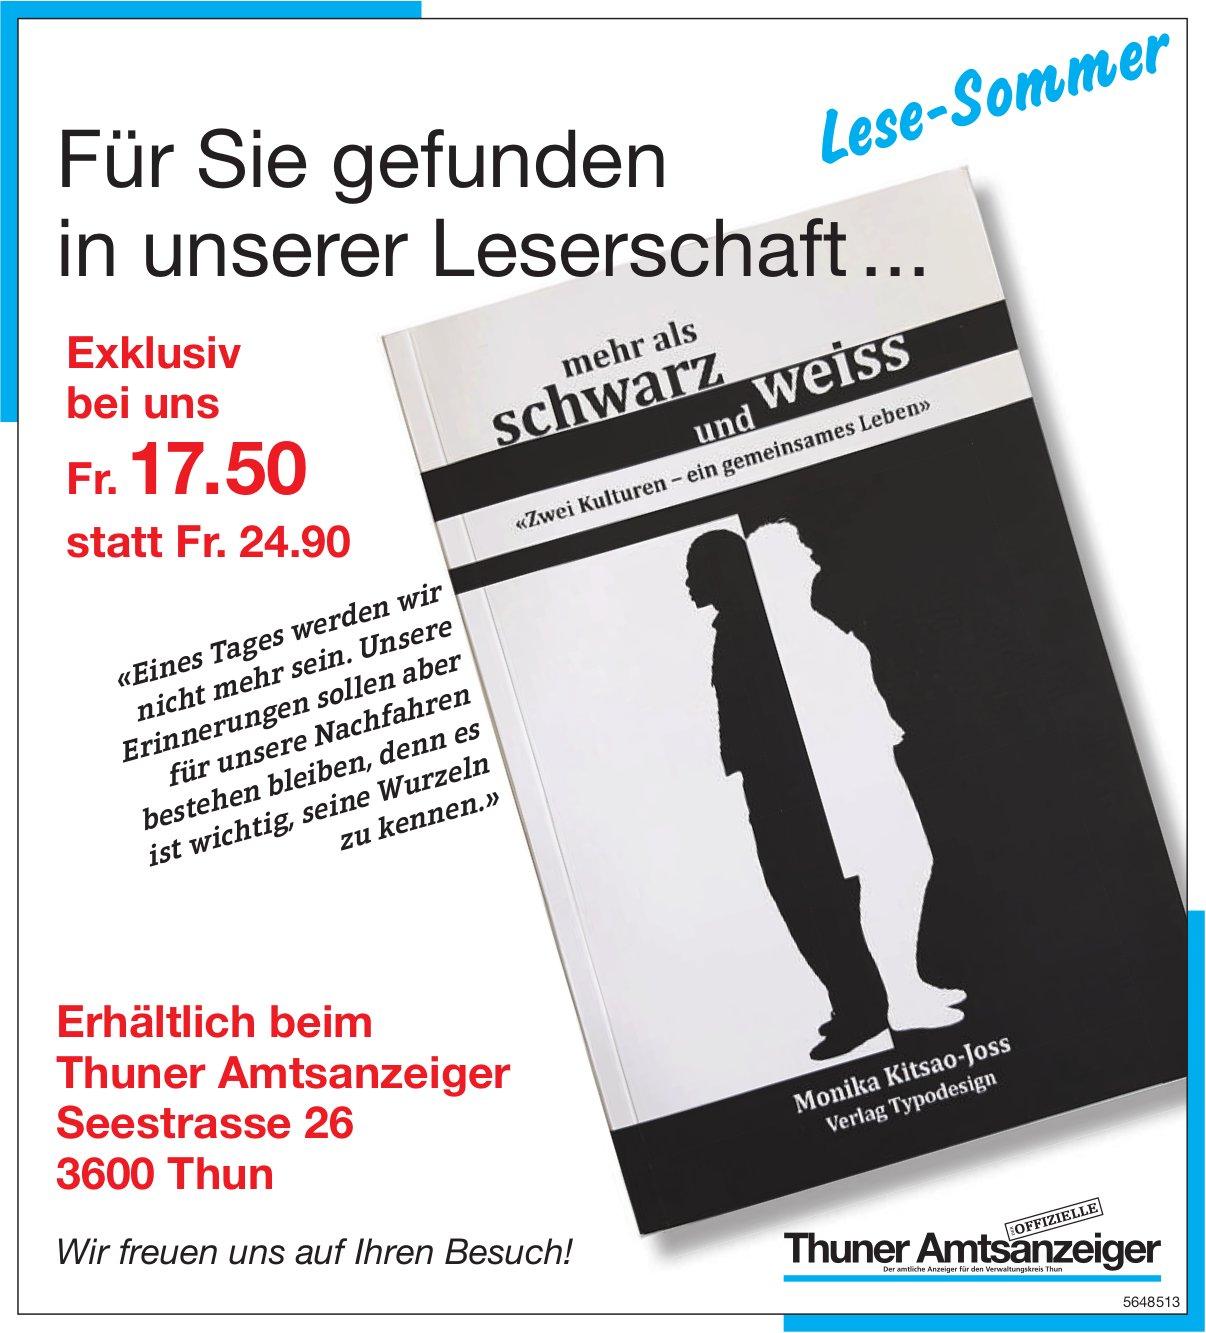 Thuner Amtsanzeiger, Thun - Für Sie gefunden in unserer Leserschaft ...